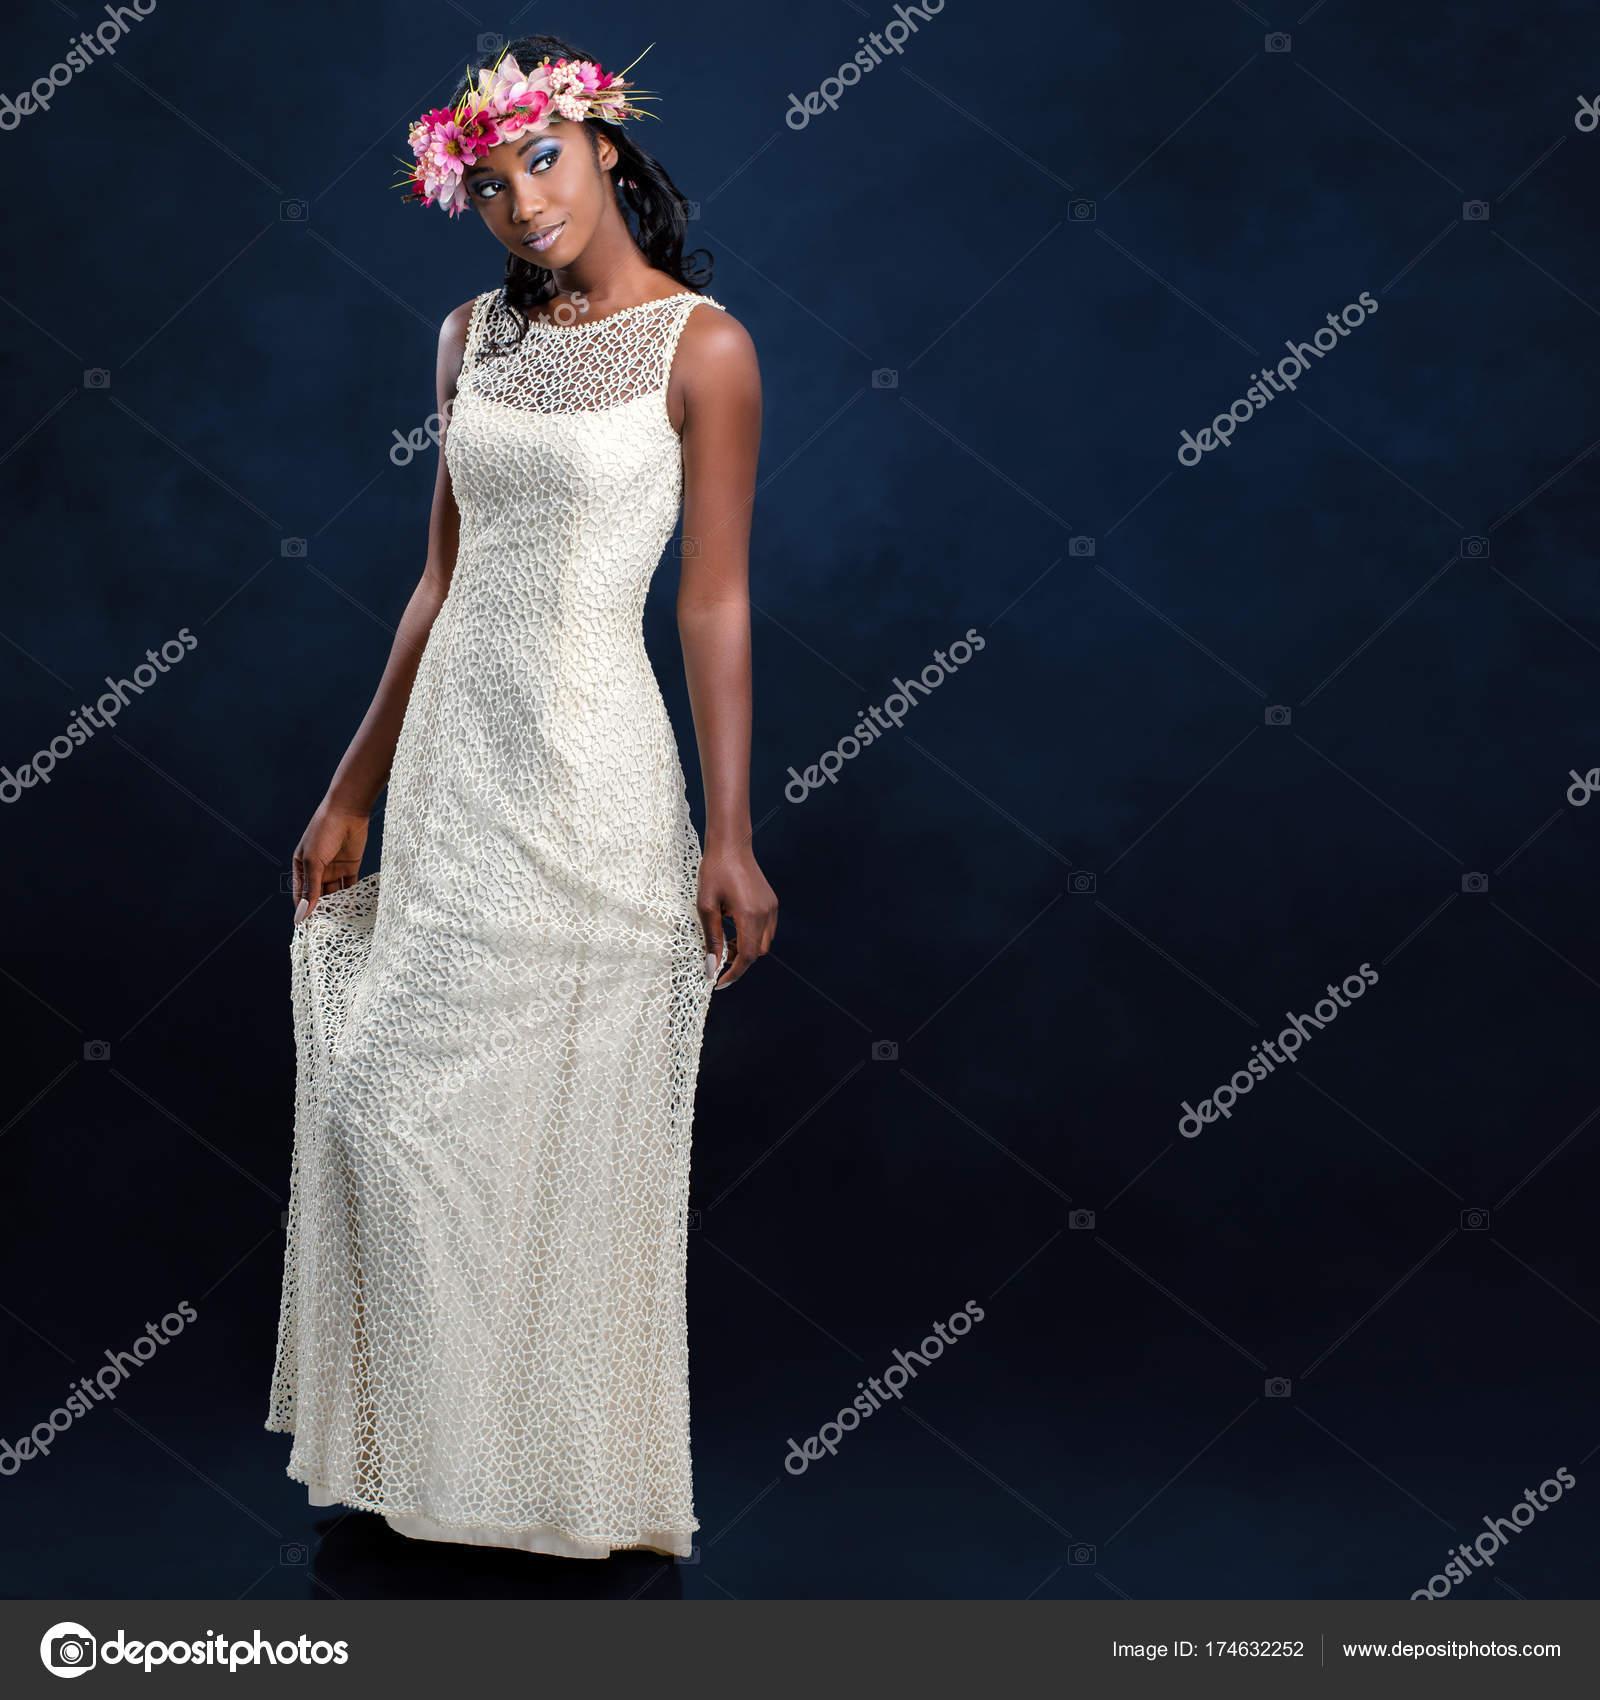 schöne Braut im weißen Hochzeitskleid — Stockfoto © karelnoppe ...